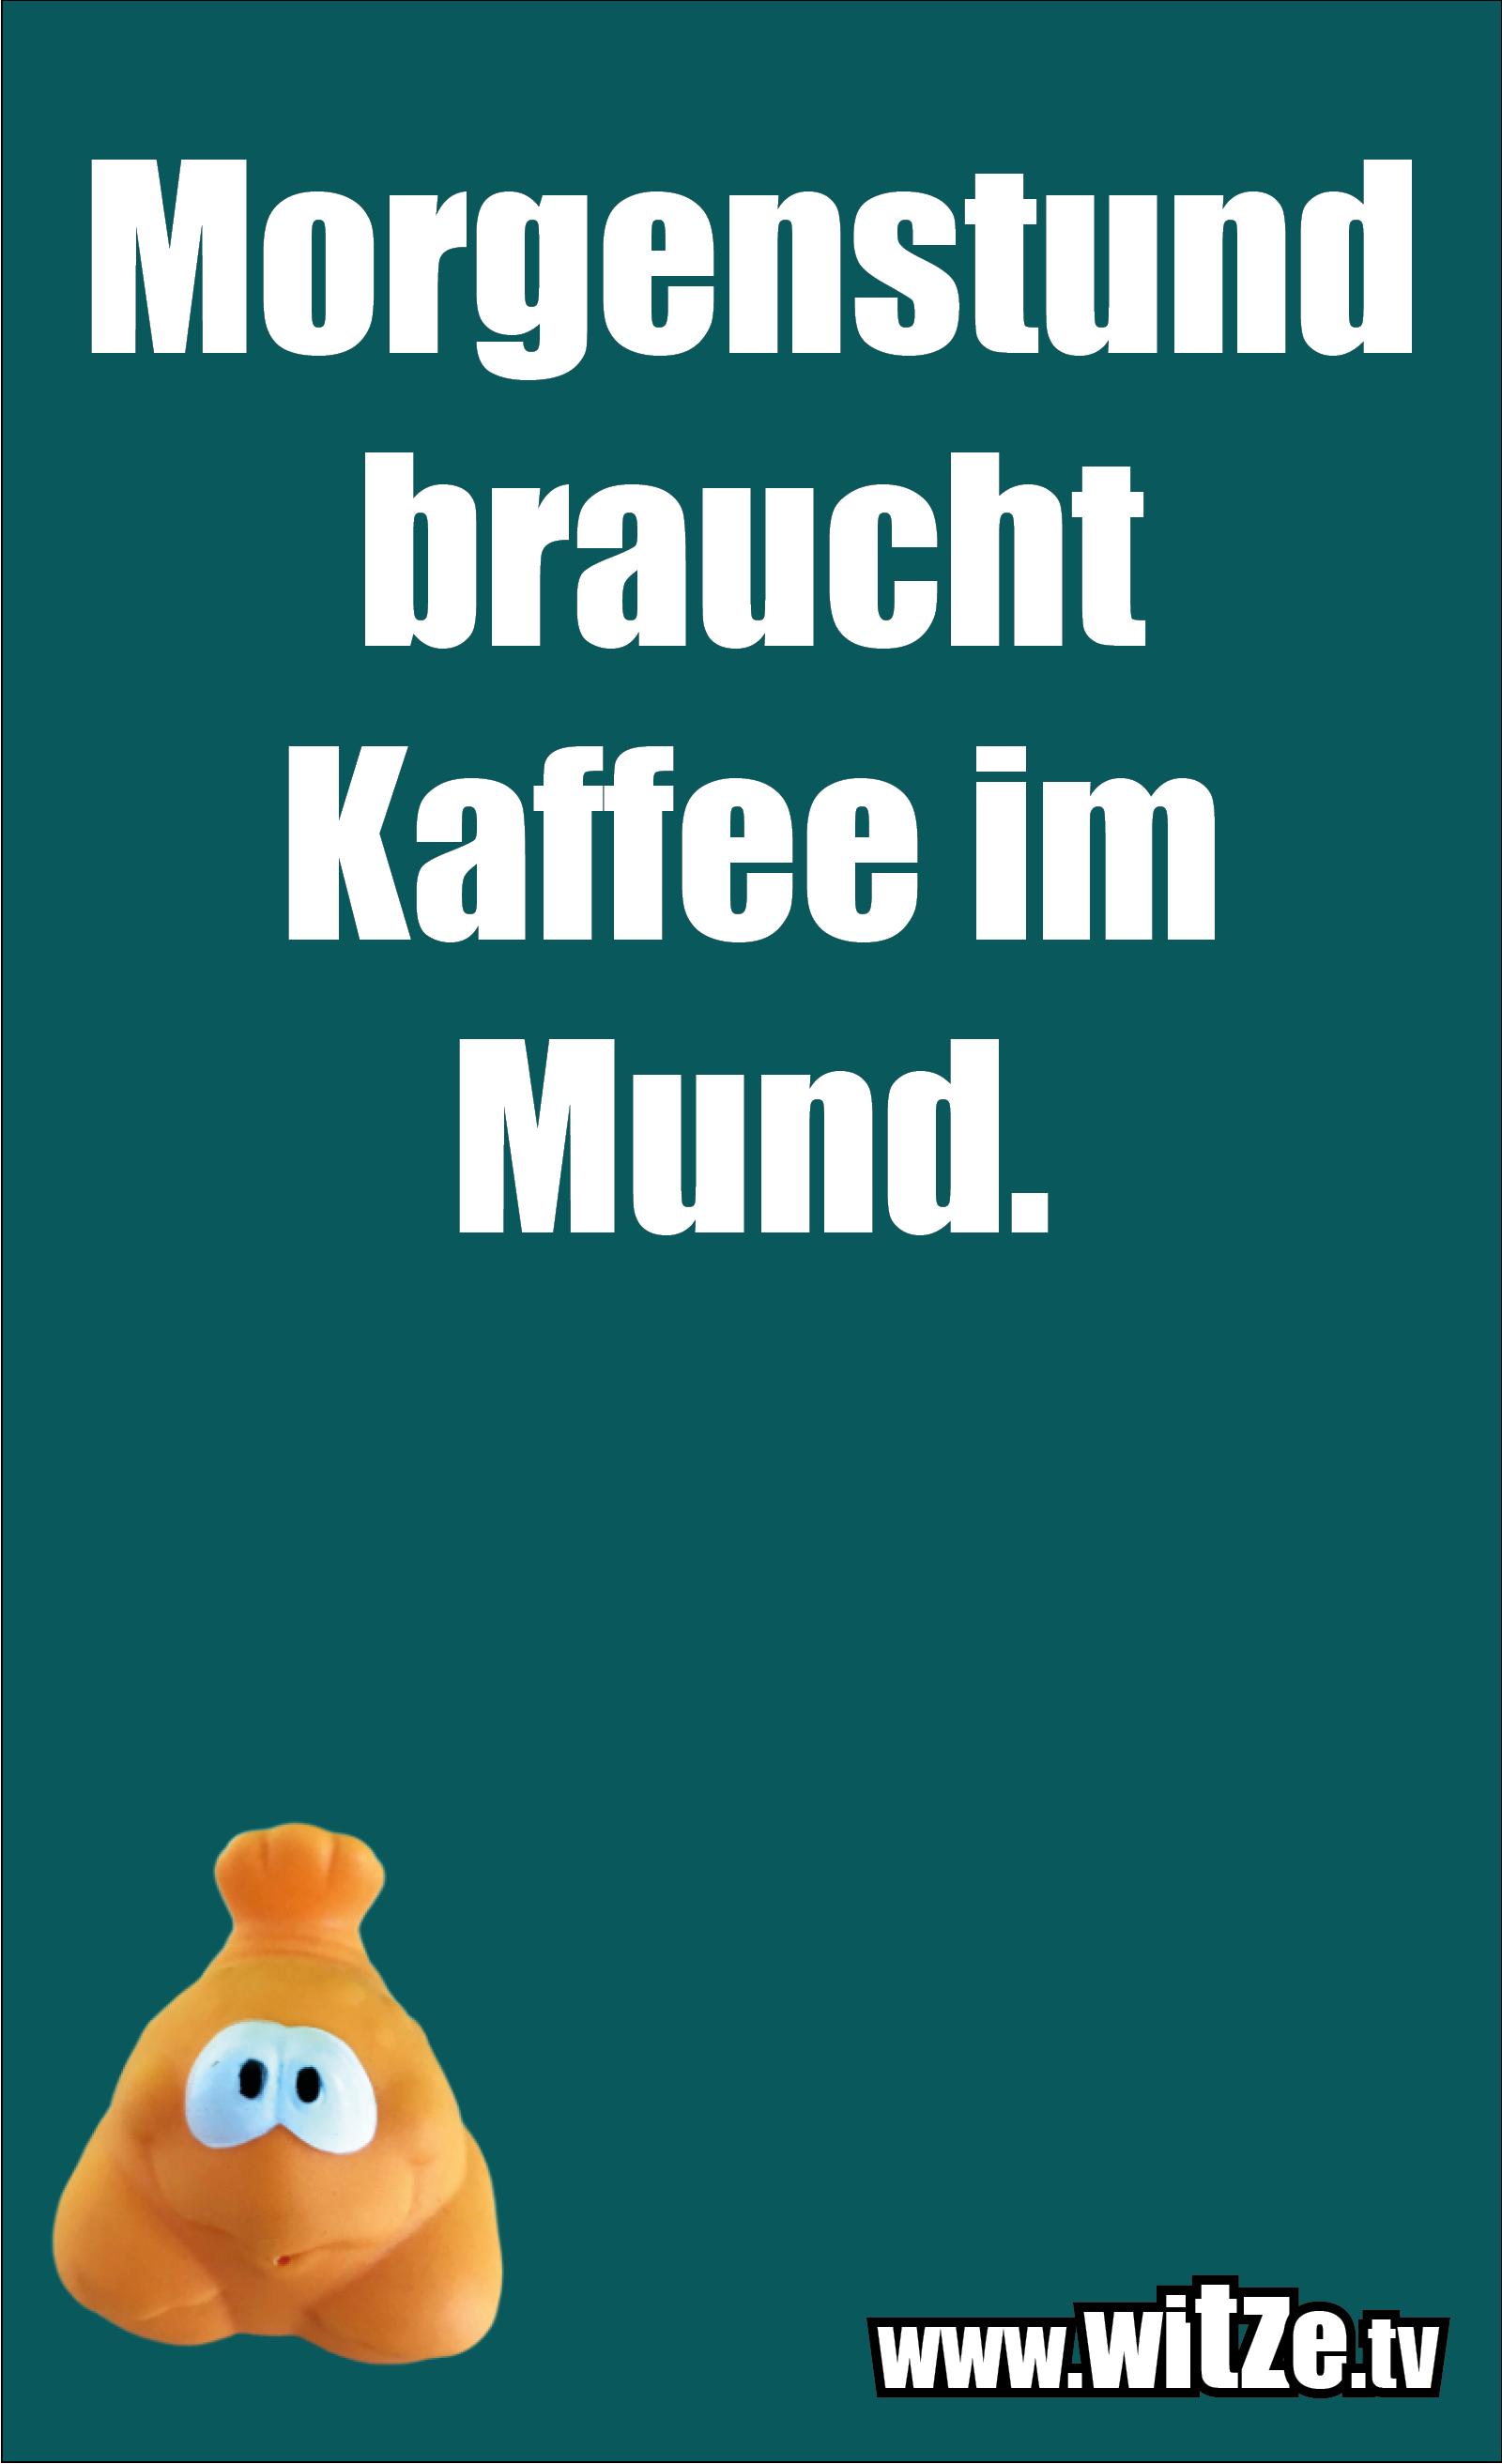 Morgenstund braucht Kaffee im Mund • Lustige Witze und